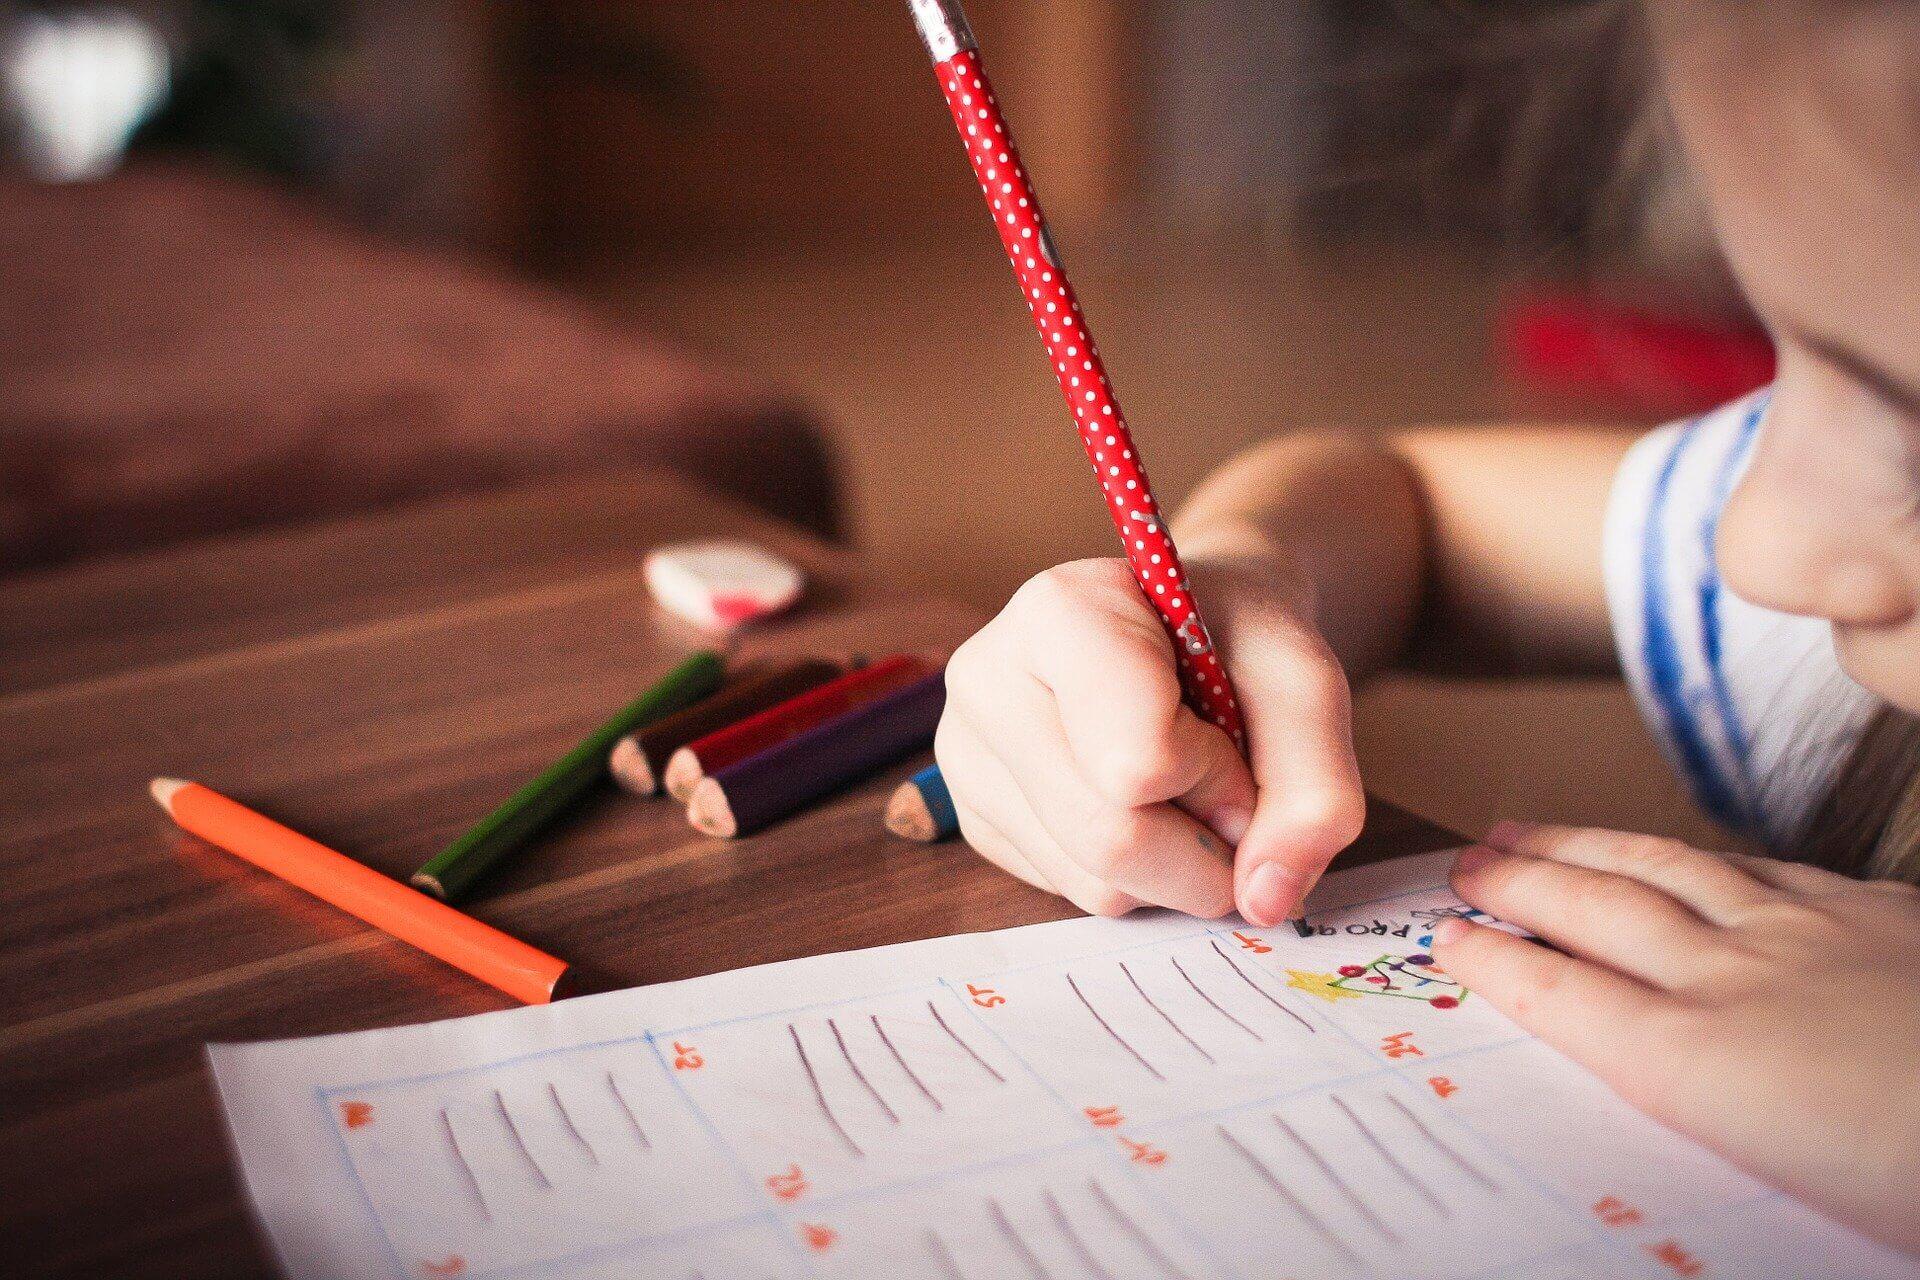 Δήμος Πεντέλης: Λειτουργία Σχολής Γονέων από το Κέντρο Κοινότητας